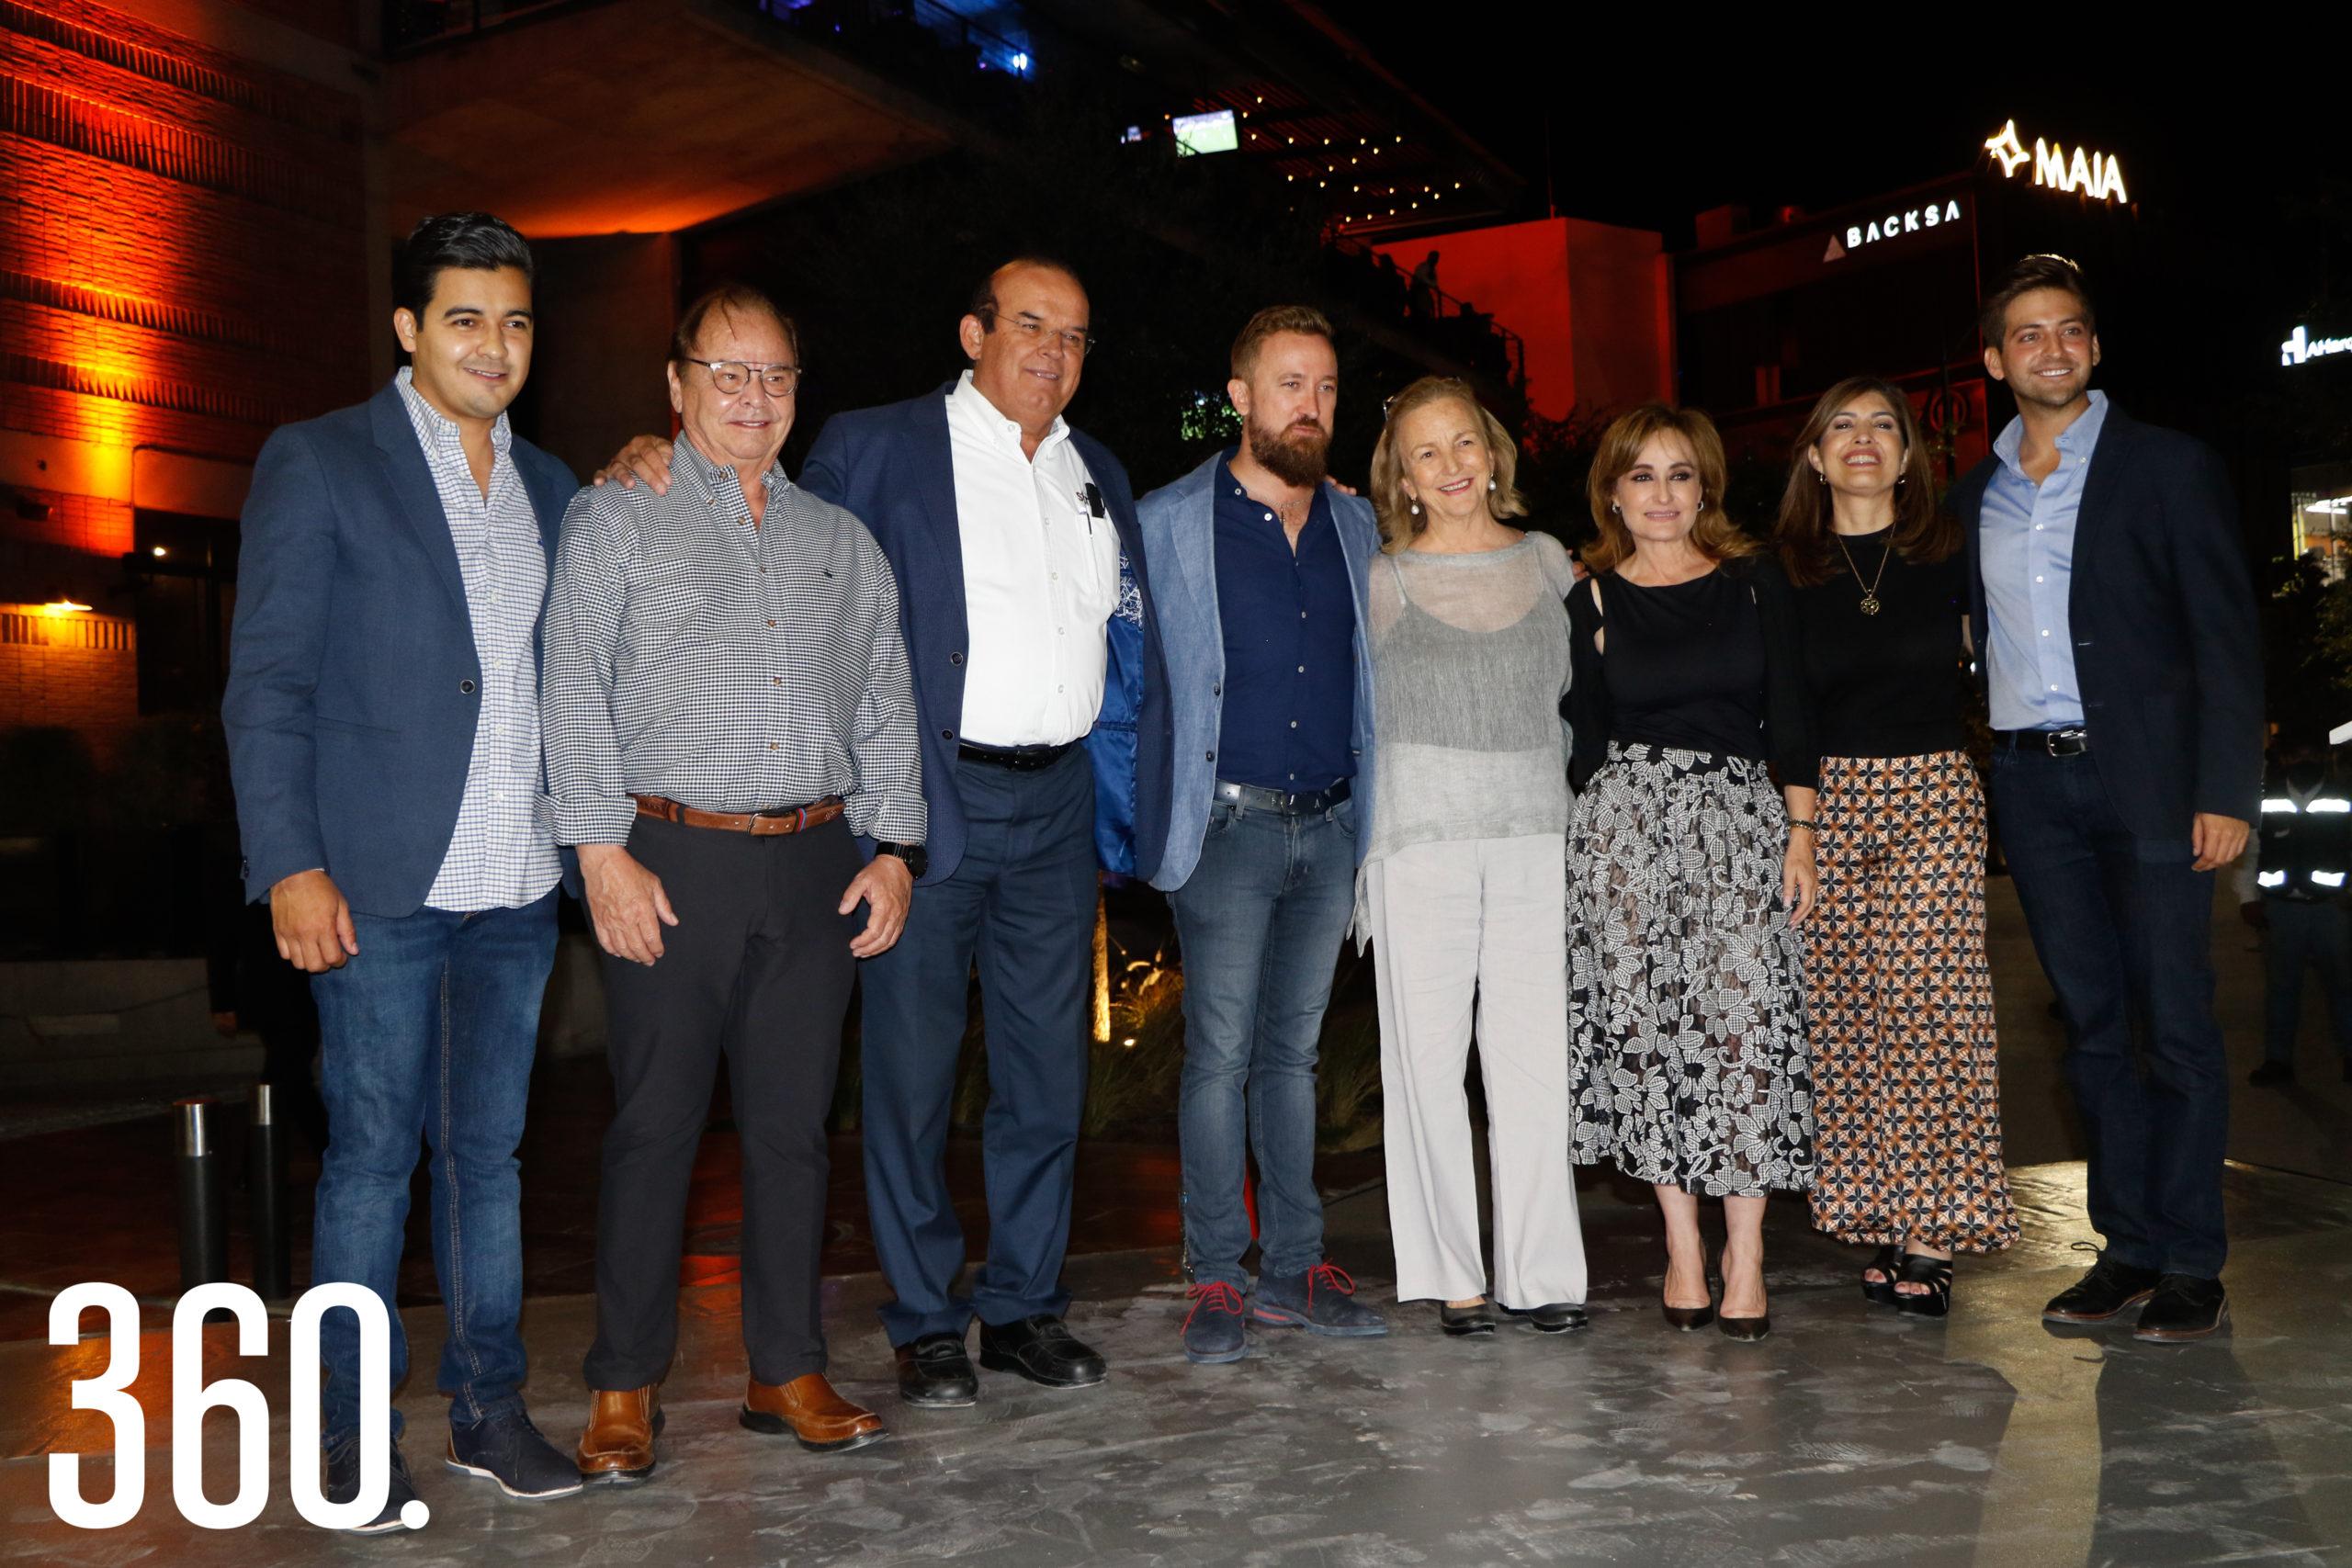 Eder López, Roberto Bernal, Jaime Guerra, Fabio Gentiloni, Beatriz Arizpe, Azucena Ramos, Sofía Camil y Blas Flores.